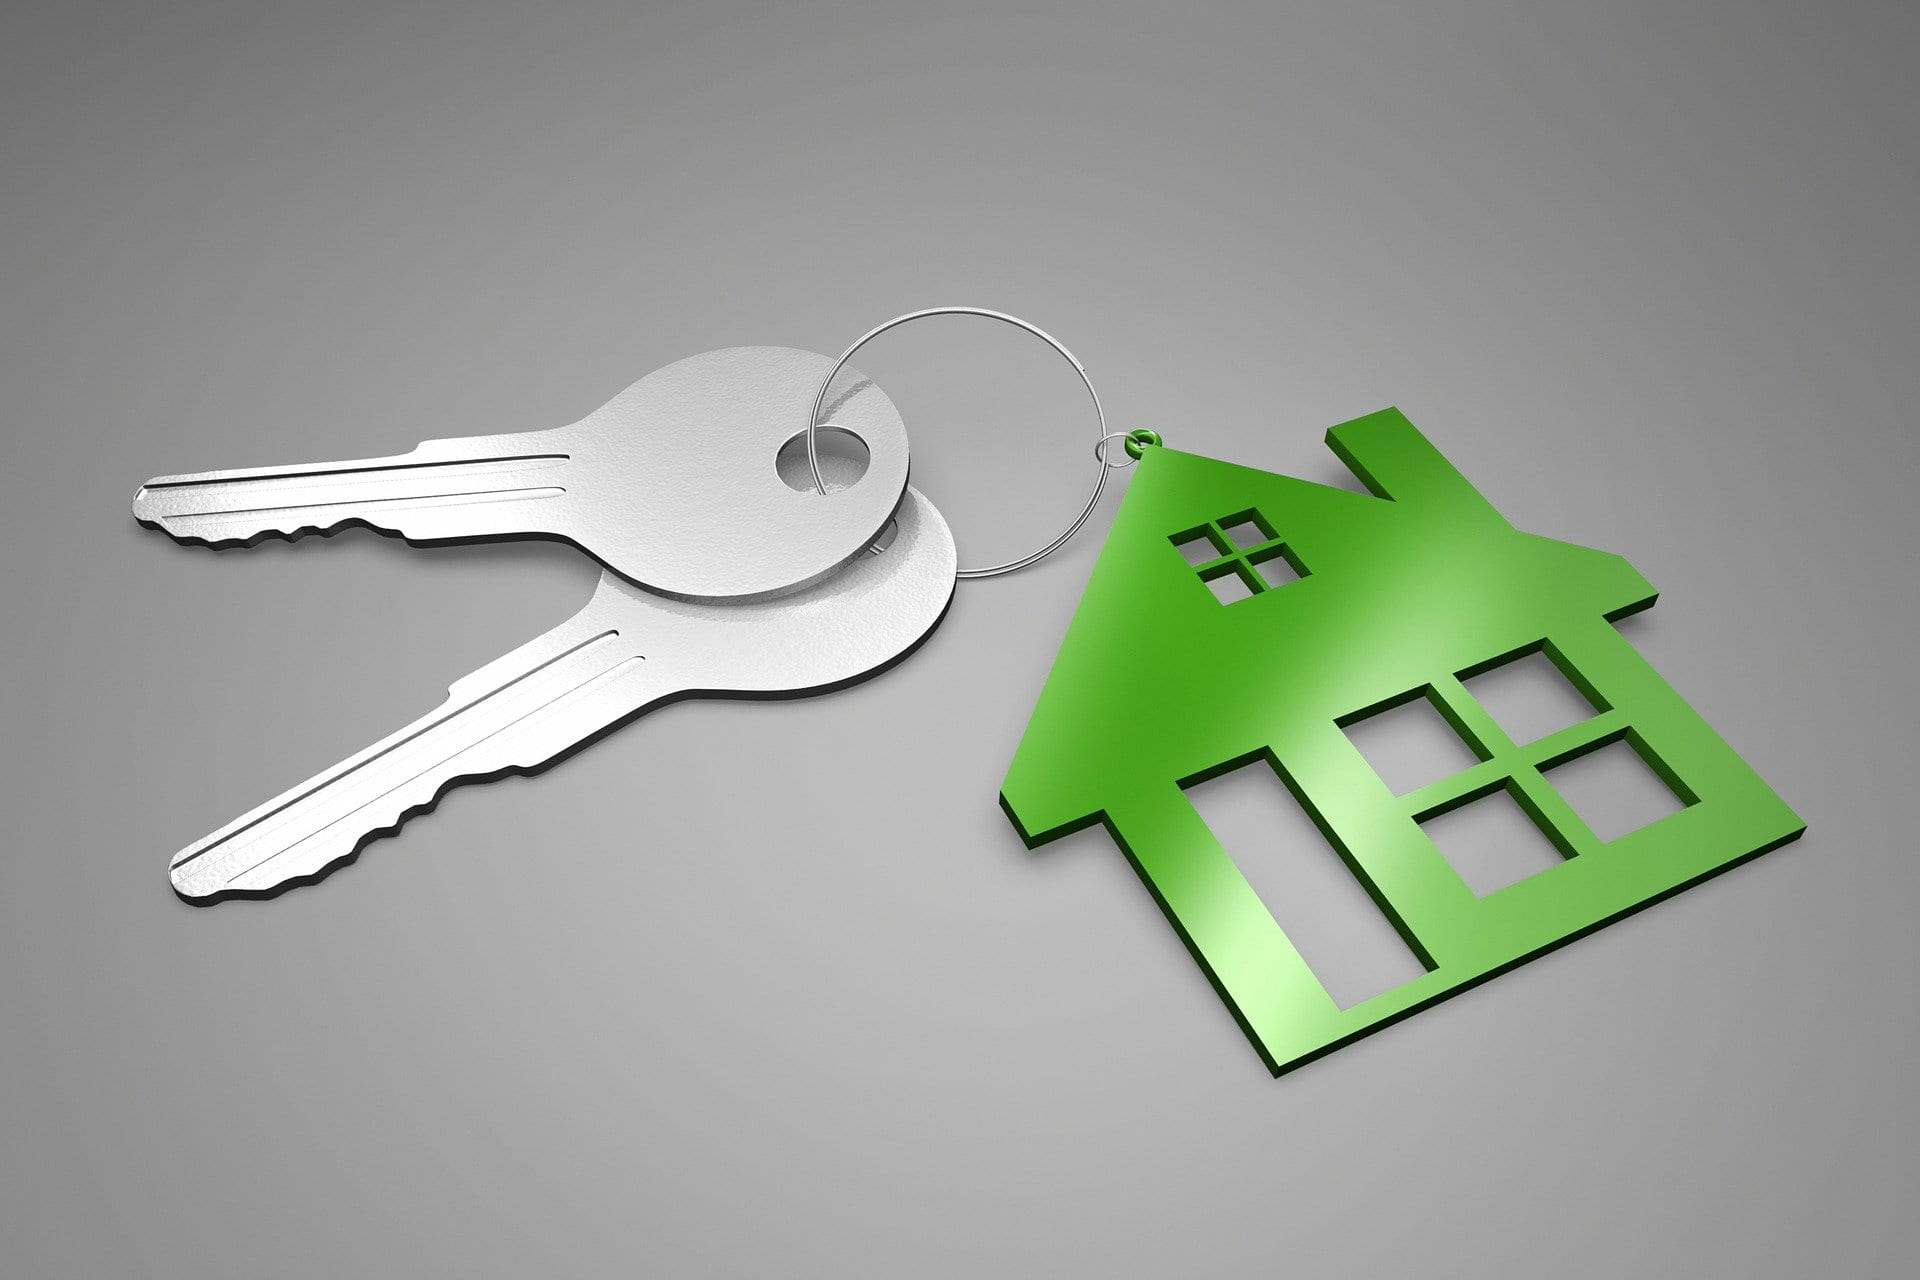 Financiamento Imobiliário Tudo Que Você Precisa Saber